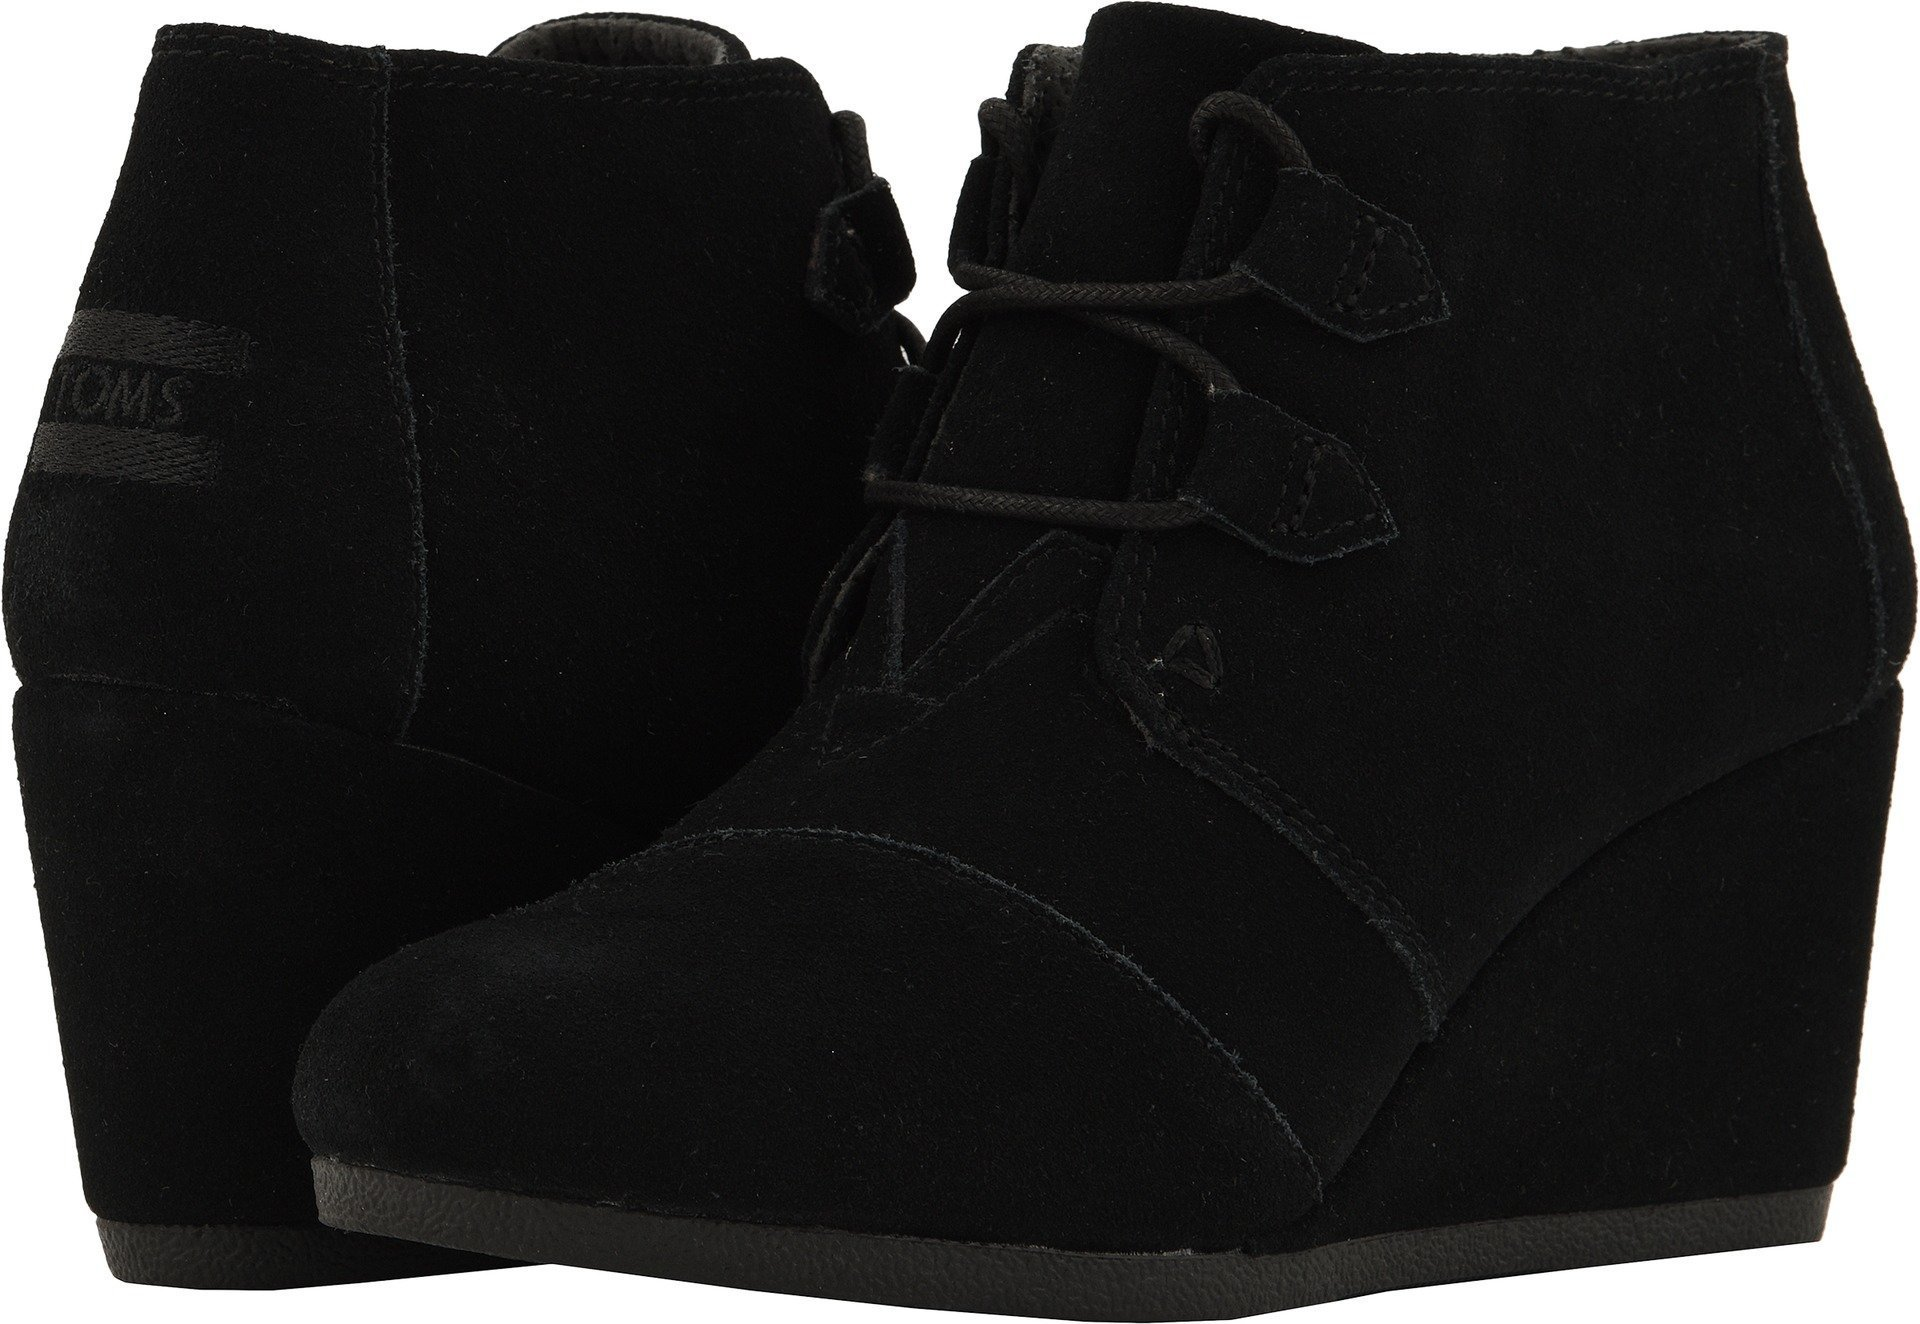 TOMS Women's Kala Bootie, Size: 9 B(M) US, Color: Black Suede